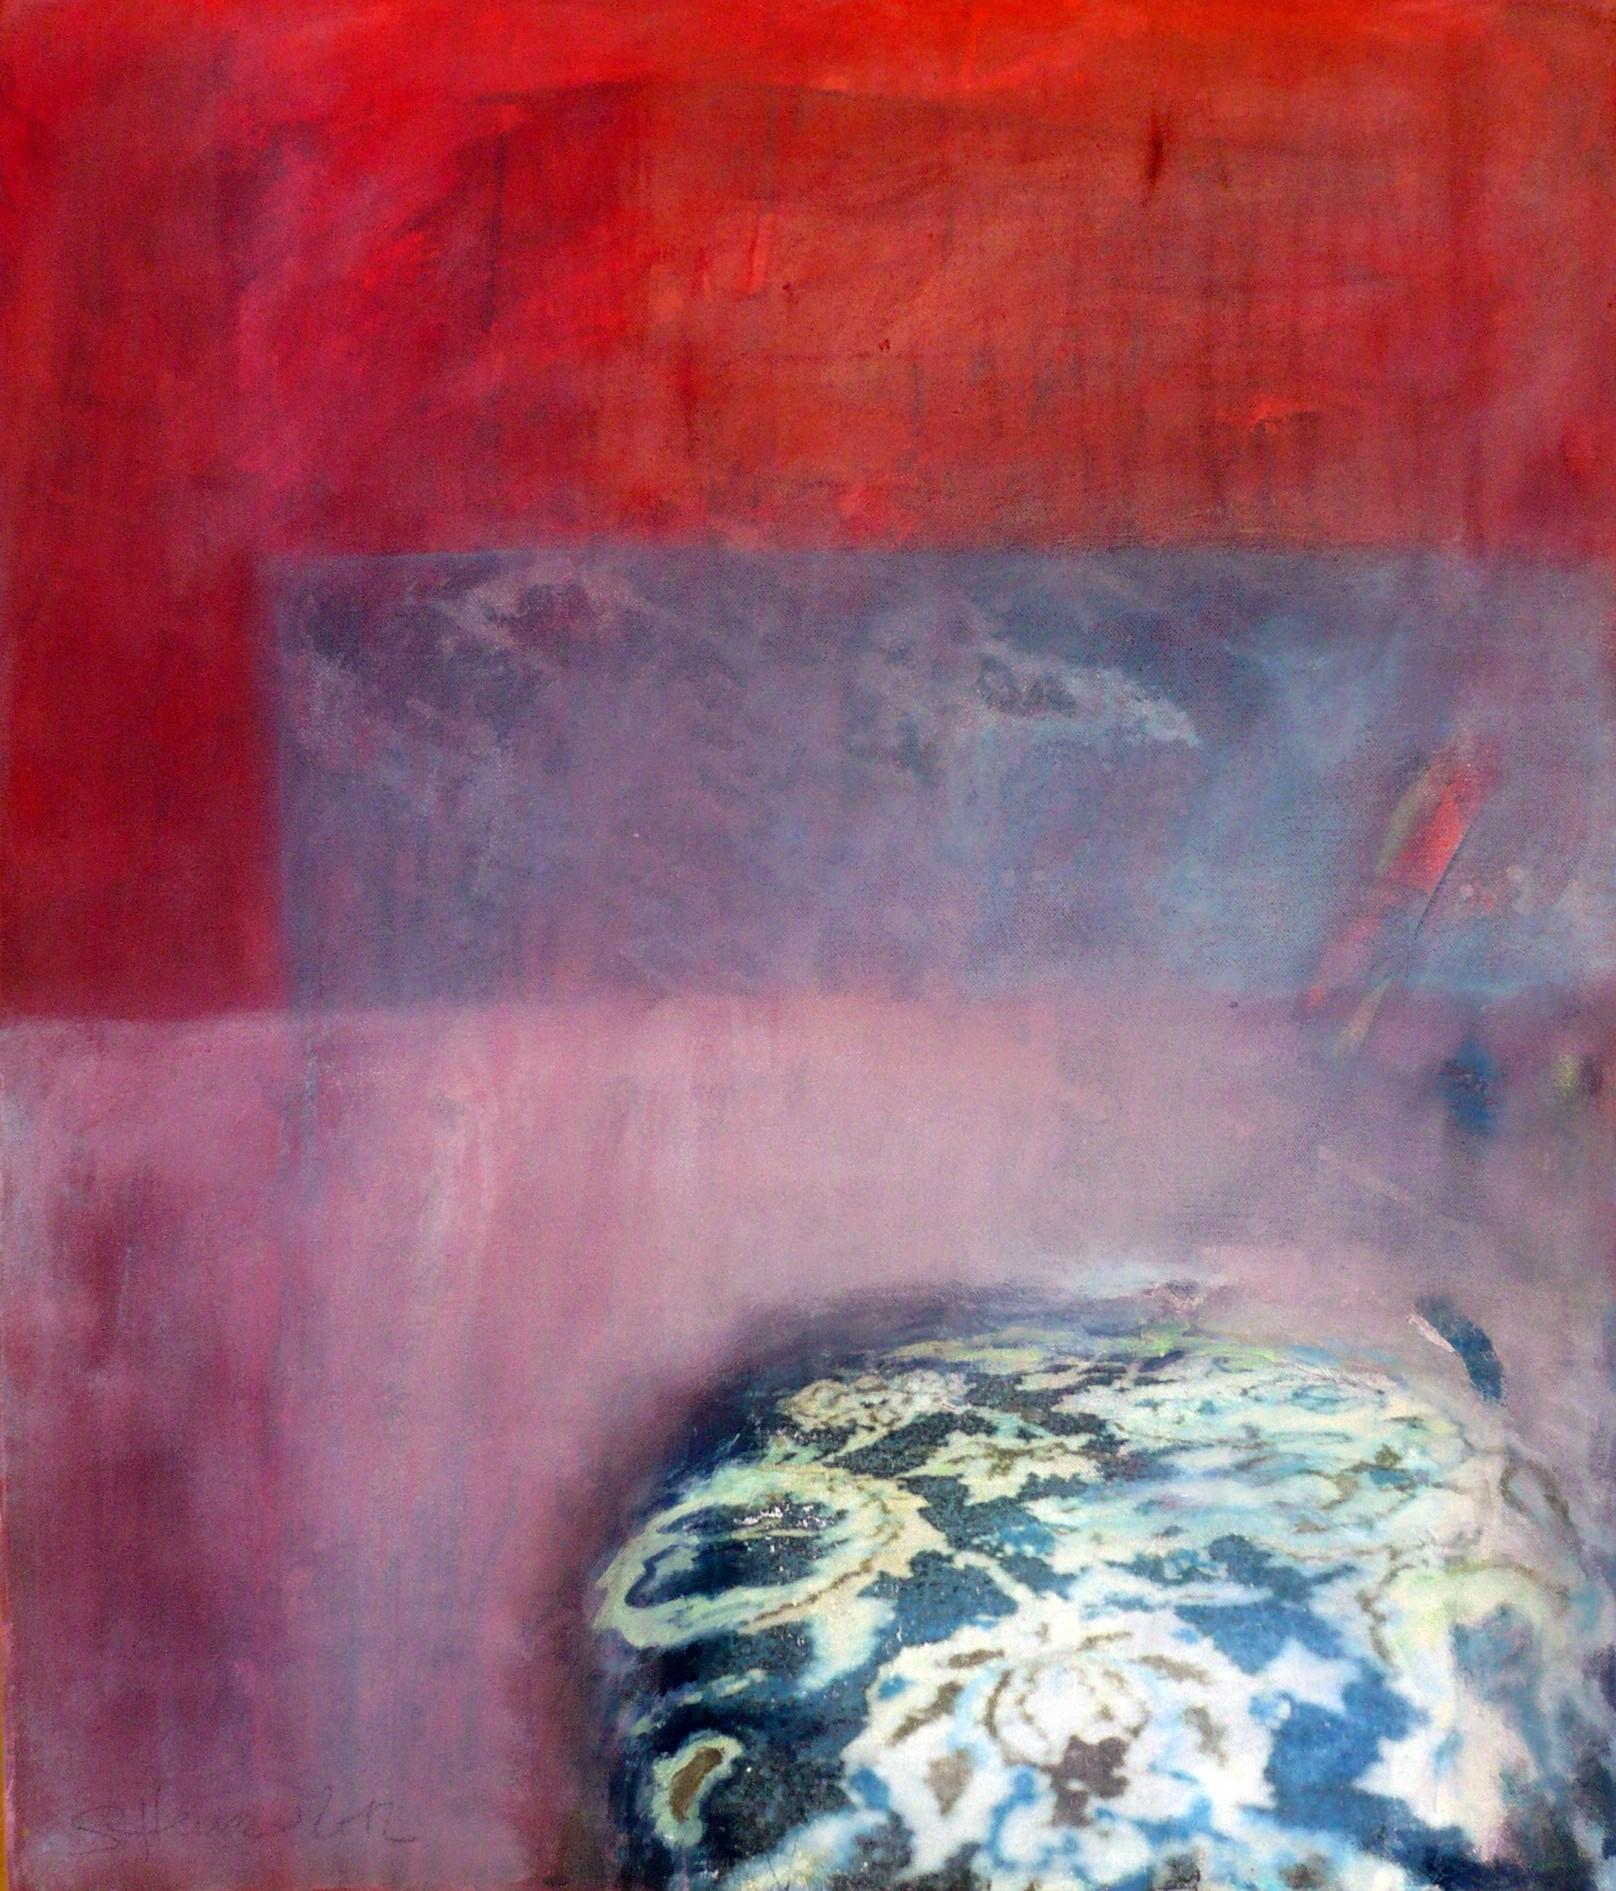 raum-2-70x60-2012